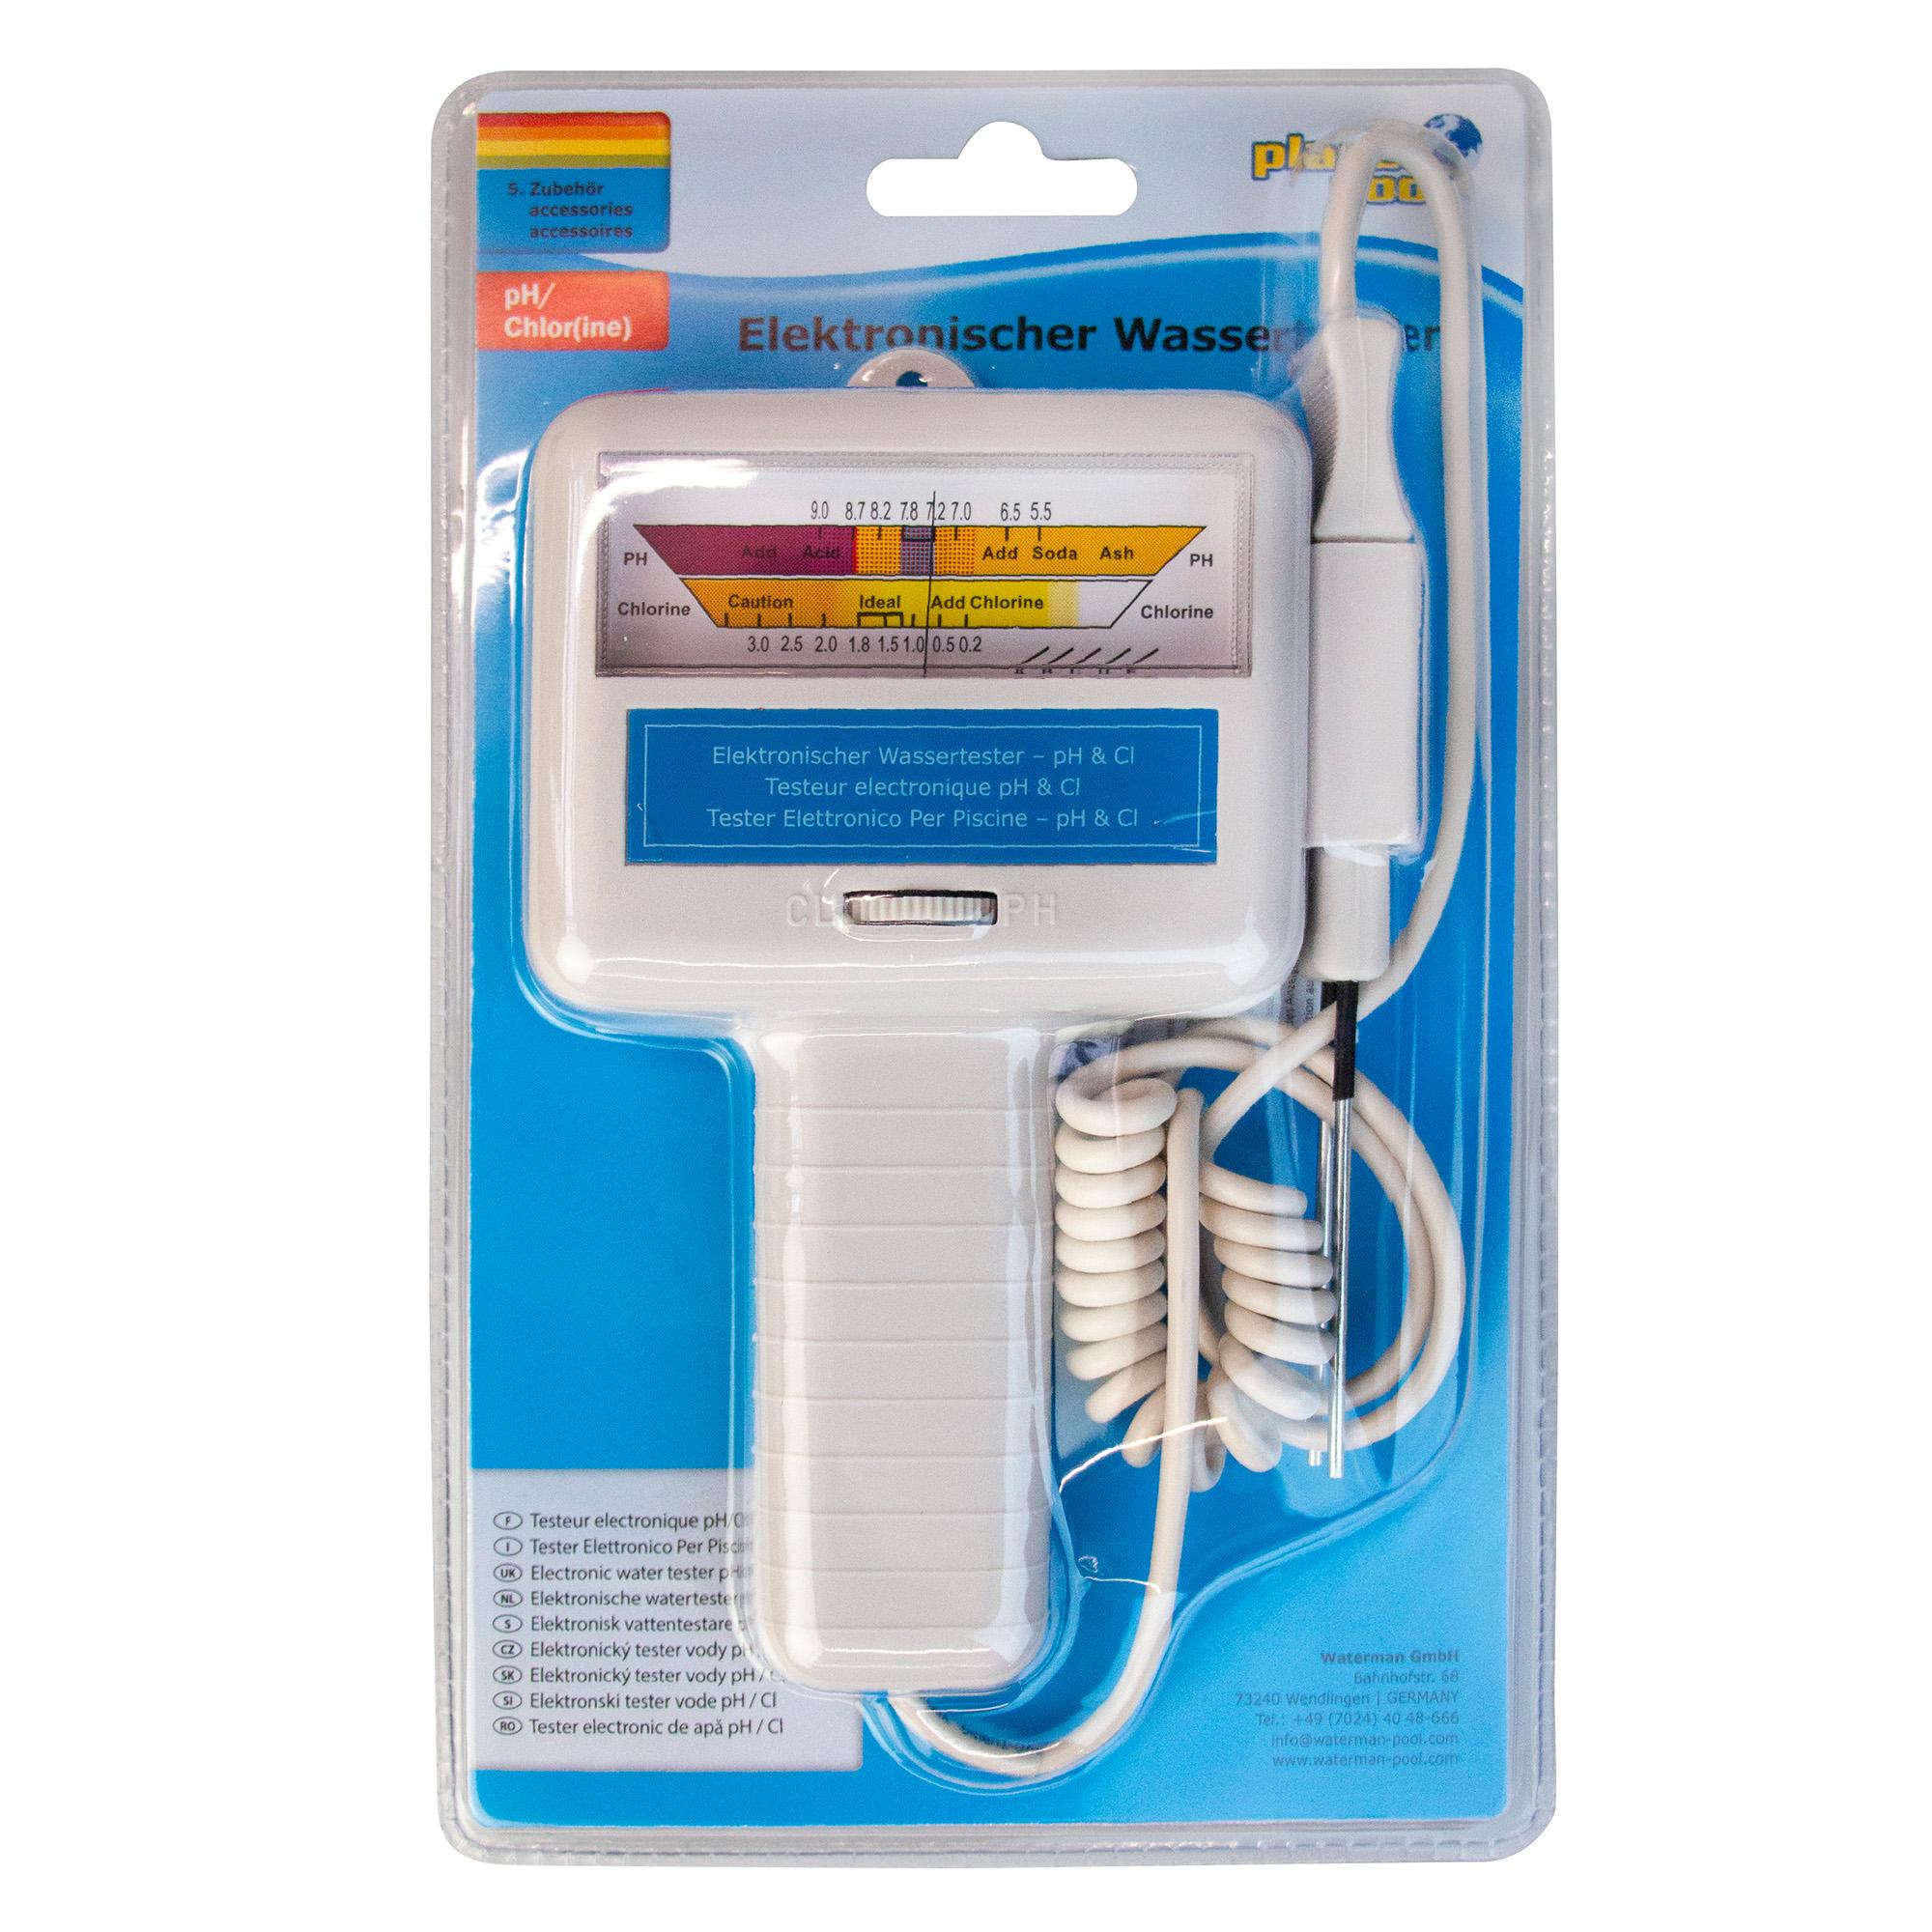 PLANET POOL Elektronischer Wassertester pH /Chlor